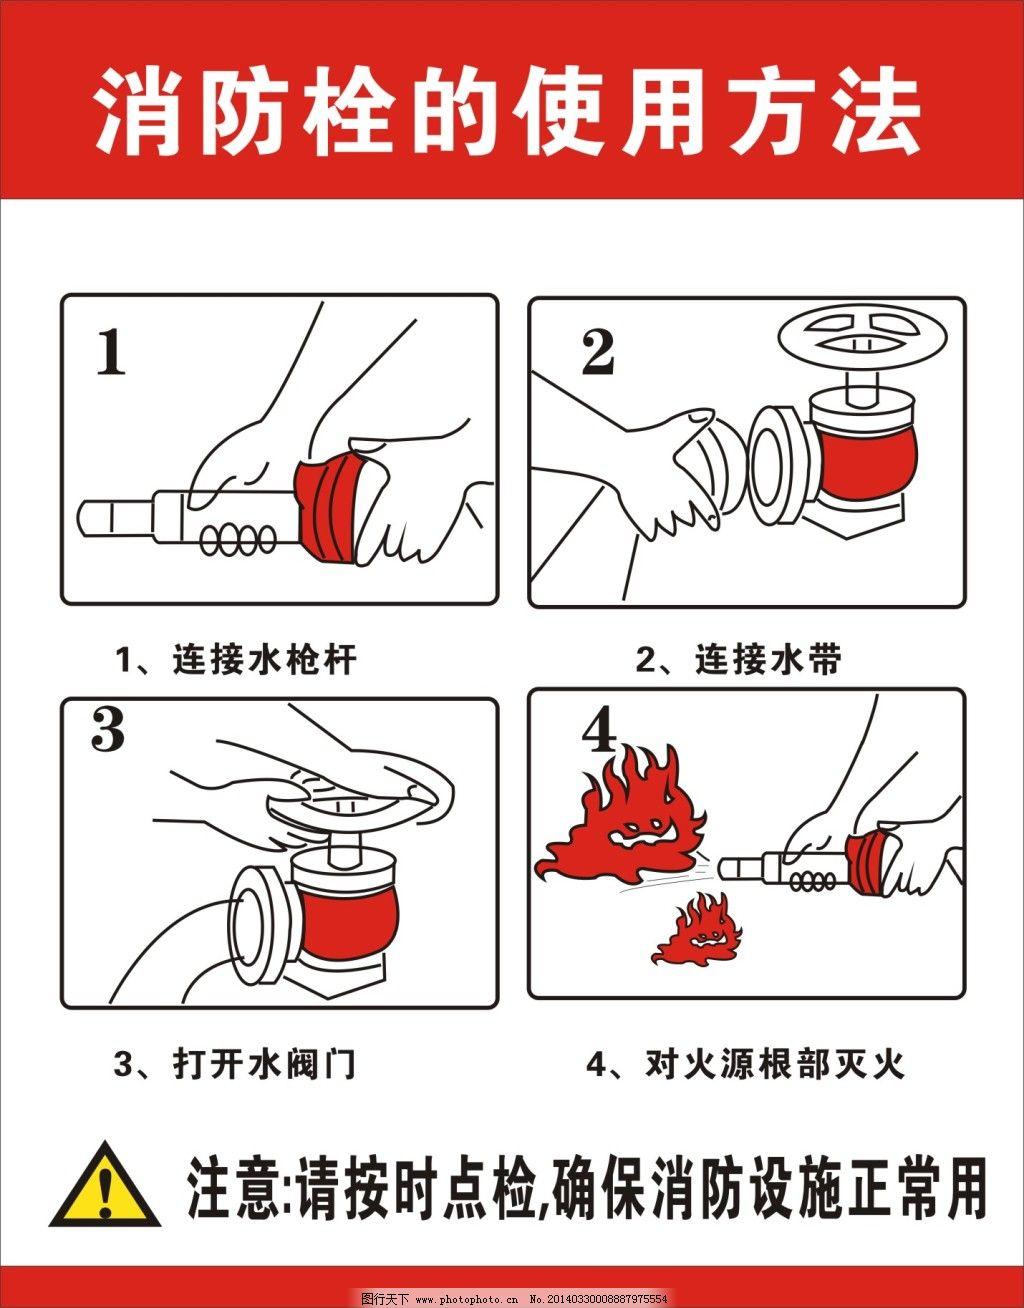 消防栓使用方法展板